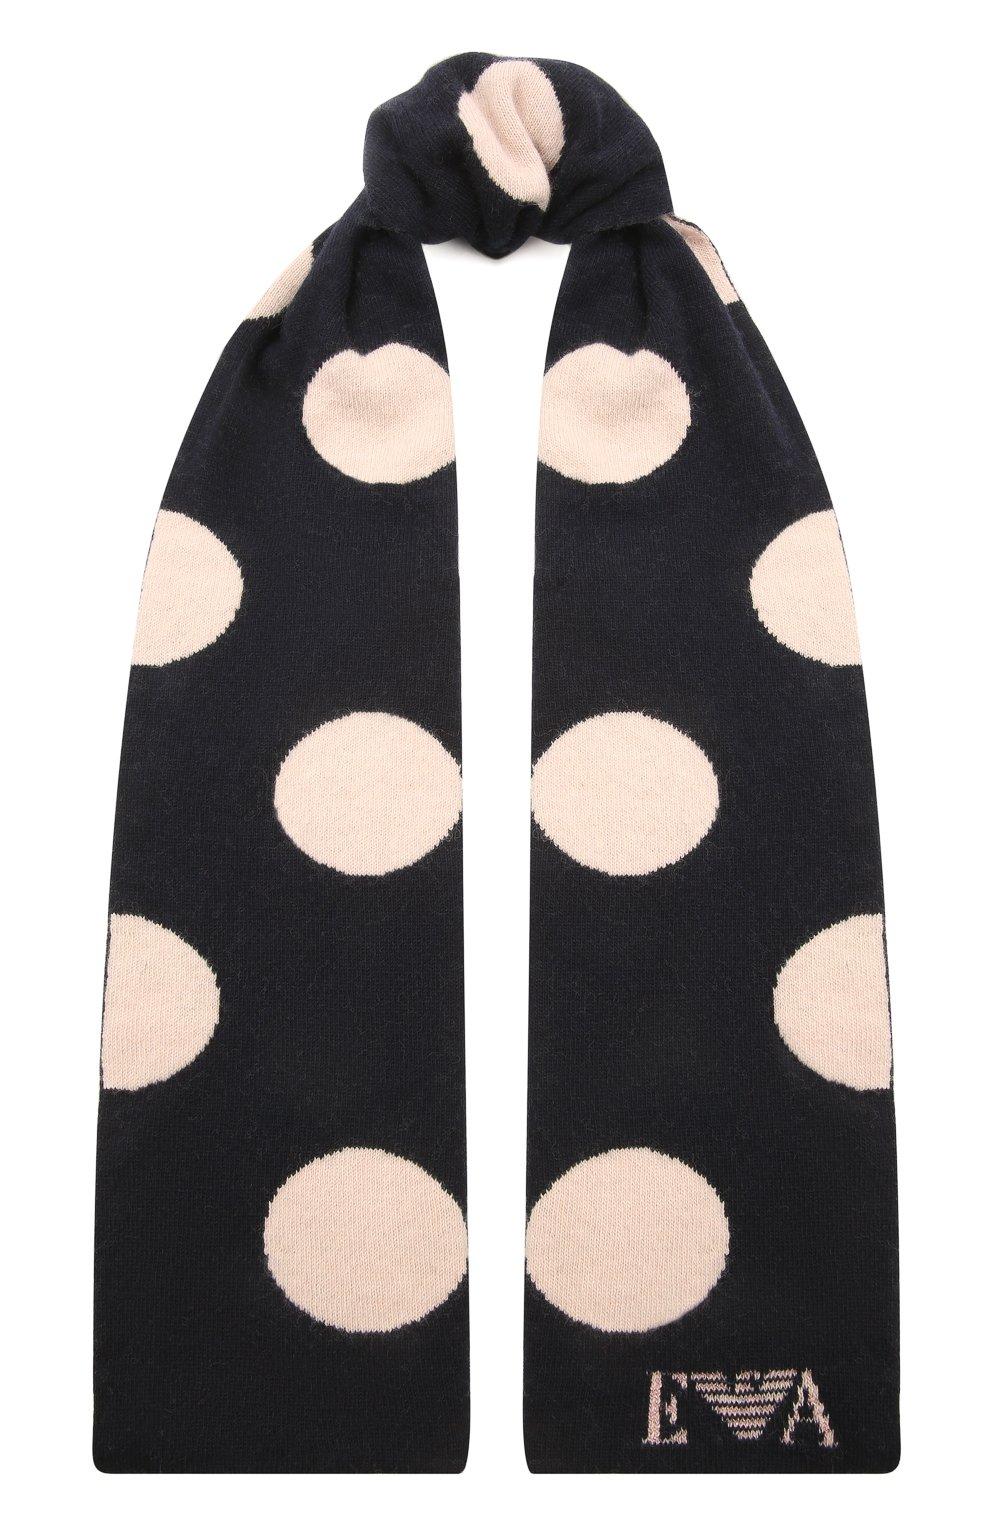 Детский комплект из шарфа и шапки EMPORIO ARMANI темно-синего цвета, арт. 397505/1A760   Фото 4 (Материал: Текстиль, Шерсть, Вискоза, Синтетический материал)